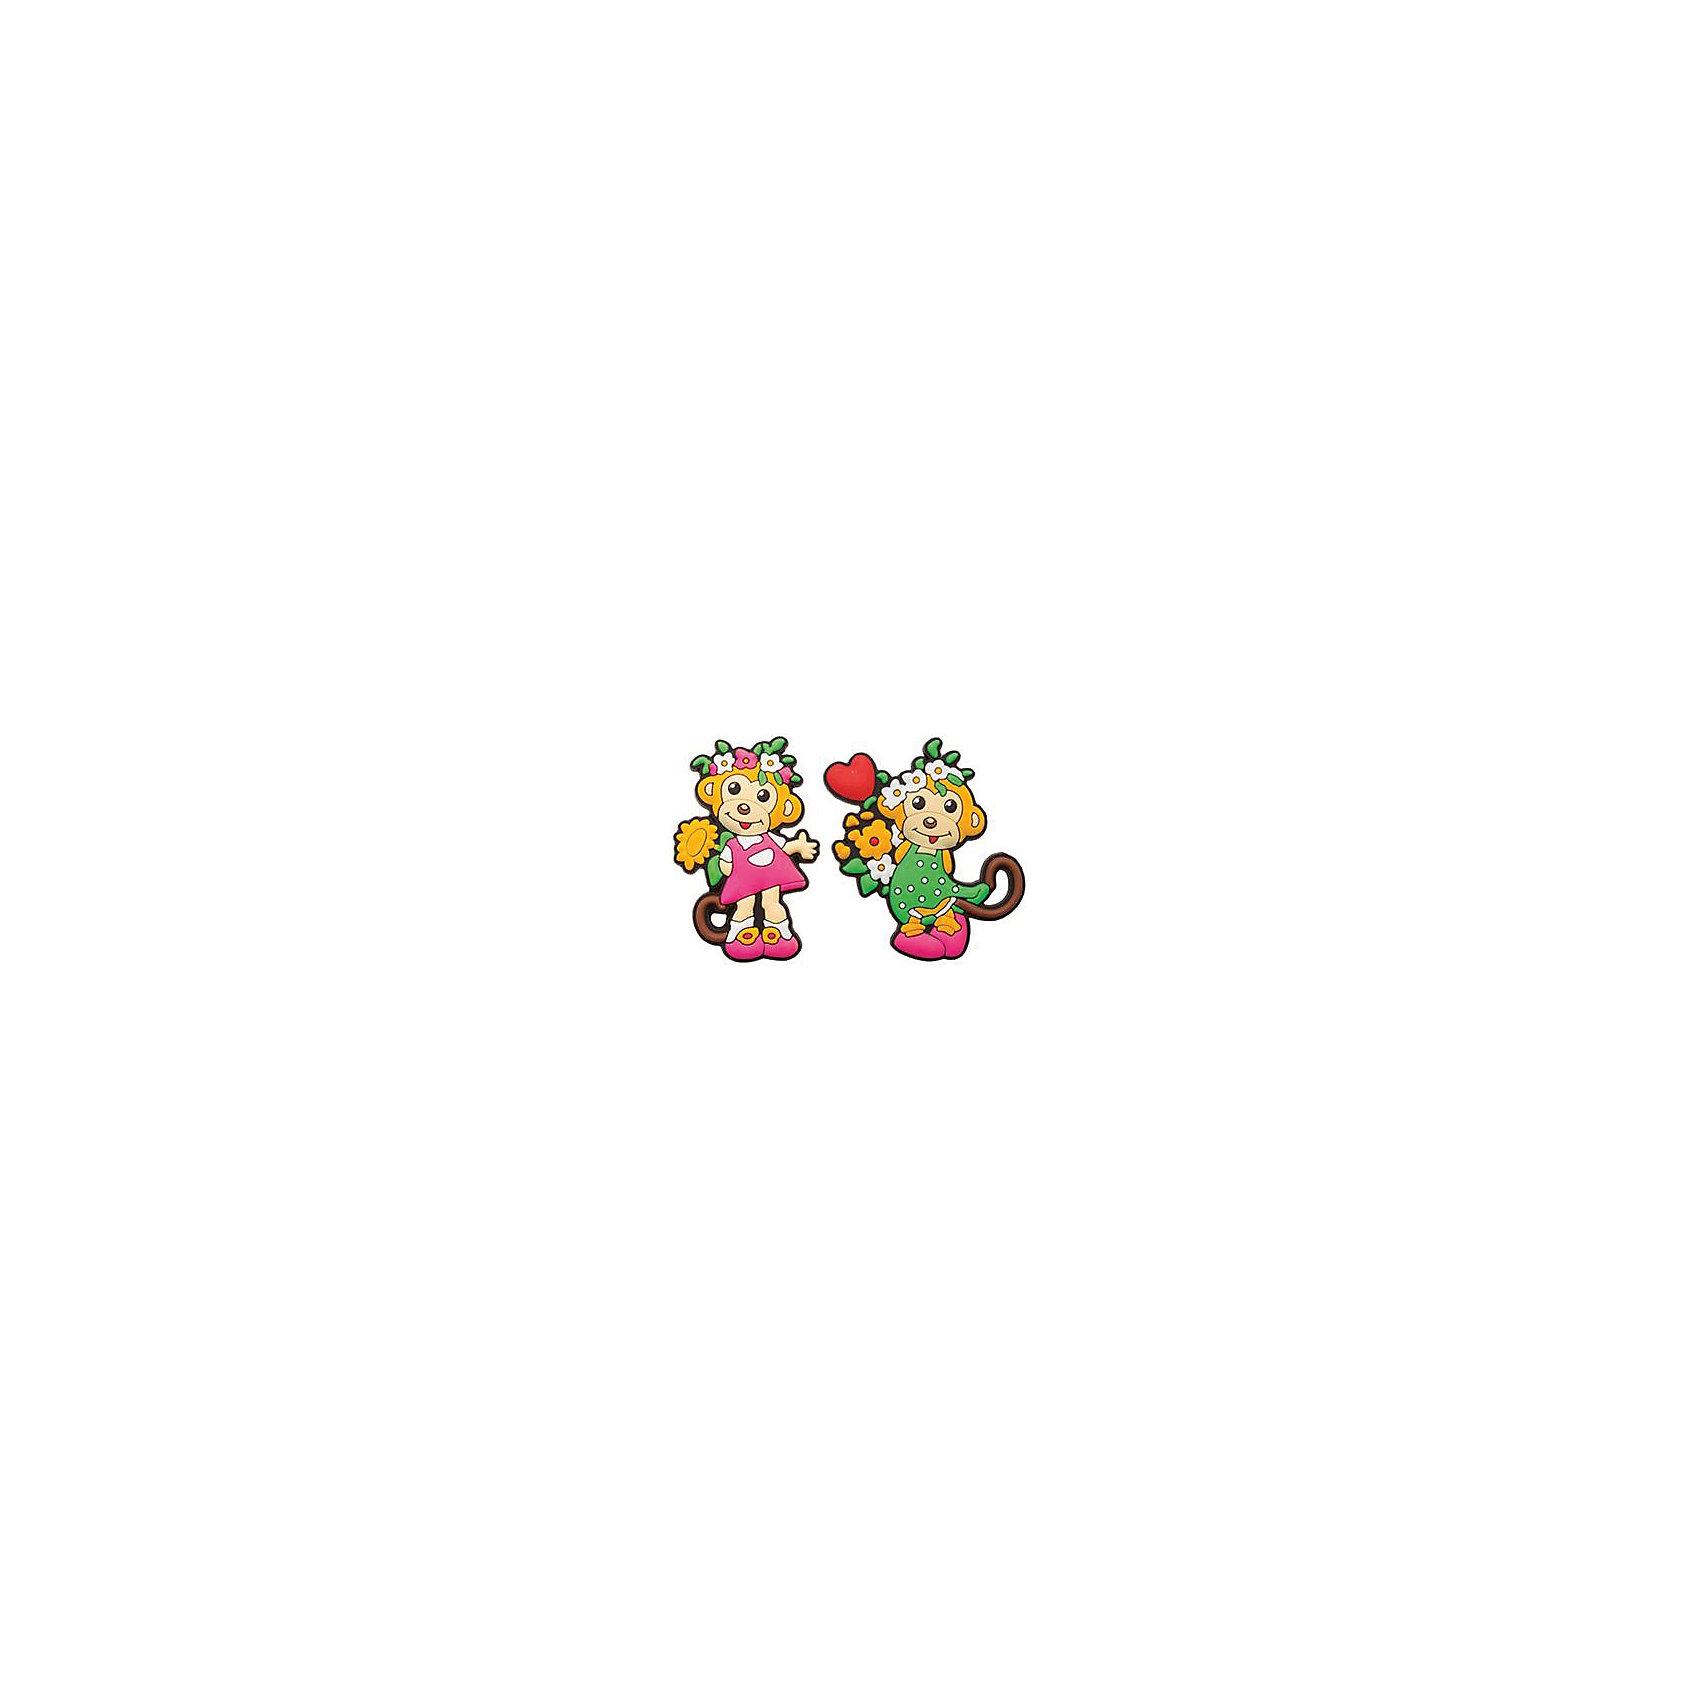 Магнит Летняя обезьянкаМагнит Летняя обезьянка – это замечательный и актуальный новогодний подарок для всех!<br>Магнит Летняя обезьянка воплощает символ 2016 года, станет отличным презентом коллеге и другу, а также прекрасным украшением любой плоской металлической поверхности в доме. Магнит с изображением нарядной обезьянки принесет удачу и поднимет настроение.<br><br>Дополнительная информация:<br><br>- В ассортименте 2 вида<br>- Размер: 6 см.<br>- Материал: поливинилхлорид<br>- ВНИМАНИЕ! Данный артикул представлен в разных вариантах исполнения. К сожалению, заранее выбрать определенный вариант невозможно. При заказе нескольких магнитов возможно получение одинаковых<br><br>Магнит Летняя обезьянка можно купить в нашем интернет-магазине.<br><br>Ширина мм: 60<br>Глубина мм: 5<br>Высота мм: 60<br>Вес г: 145<br>Возраст от месяцев: 36<br>Возраст до месяцев: 2147483647<br>Пол: Унисекс<br>Возраст: Детский<br>SKU: 4418953